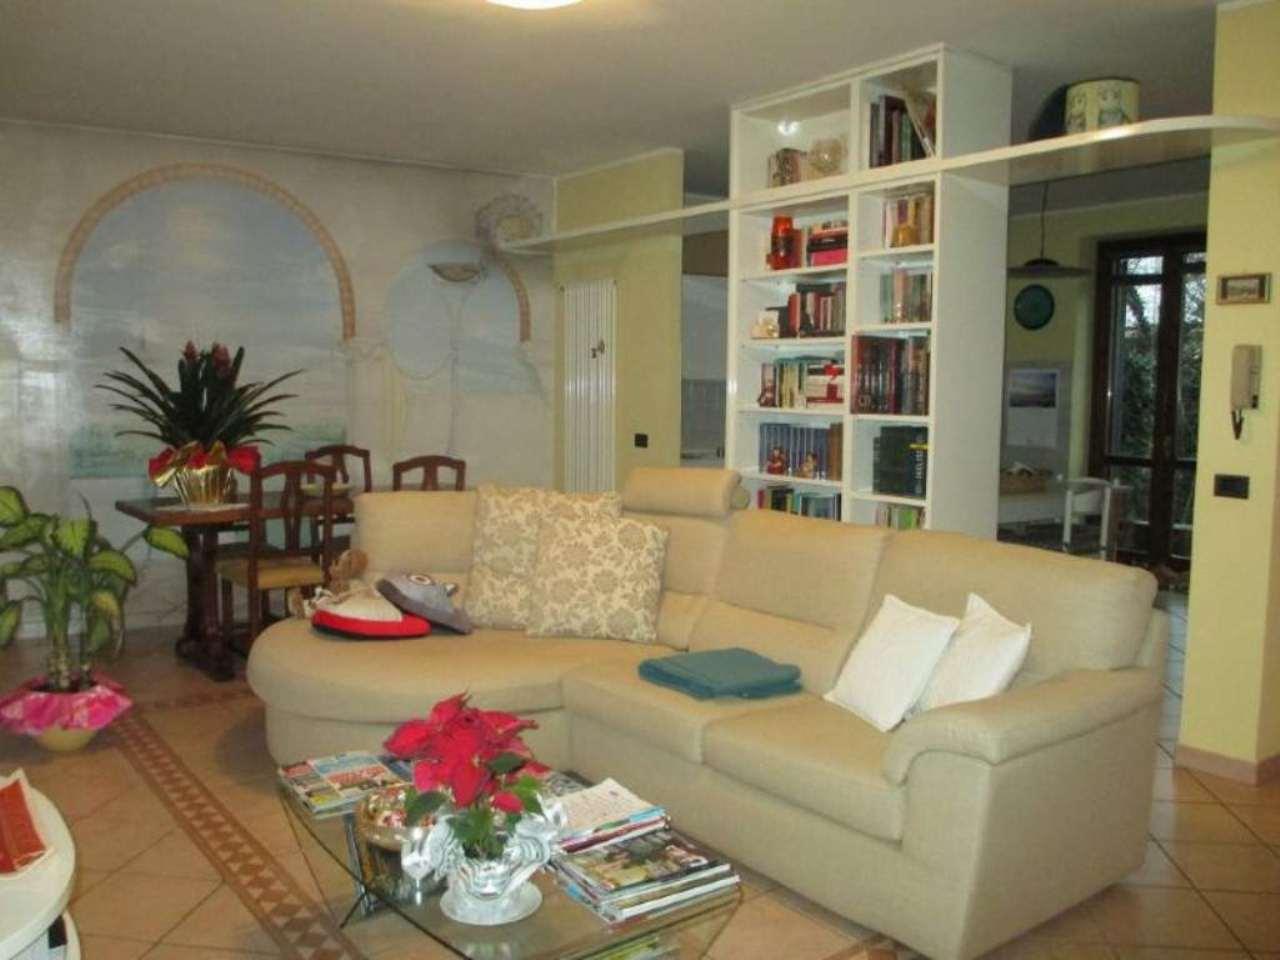 Soluzione Indipendente in vendita a Casalmorano, 4 locali, prezzo € 115.000 | Cambio Casa.it